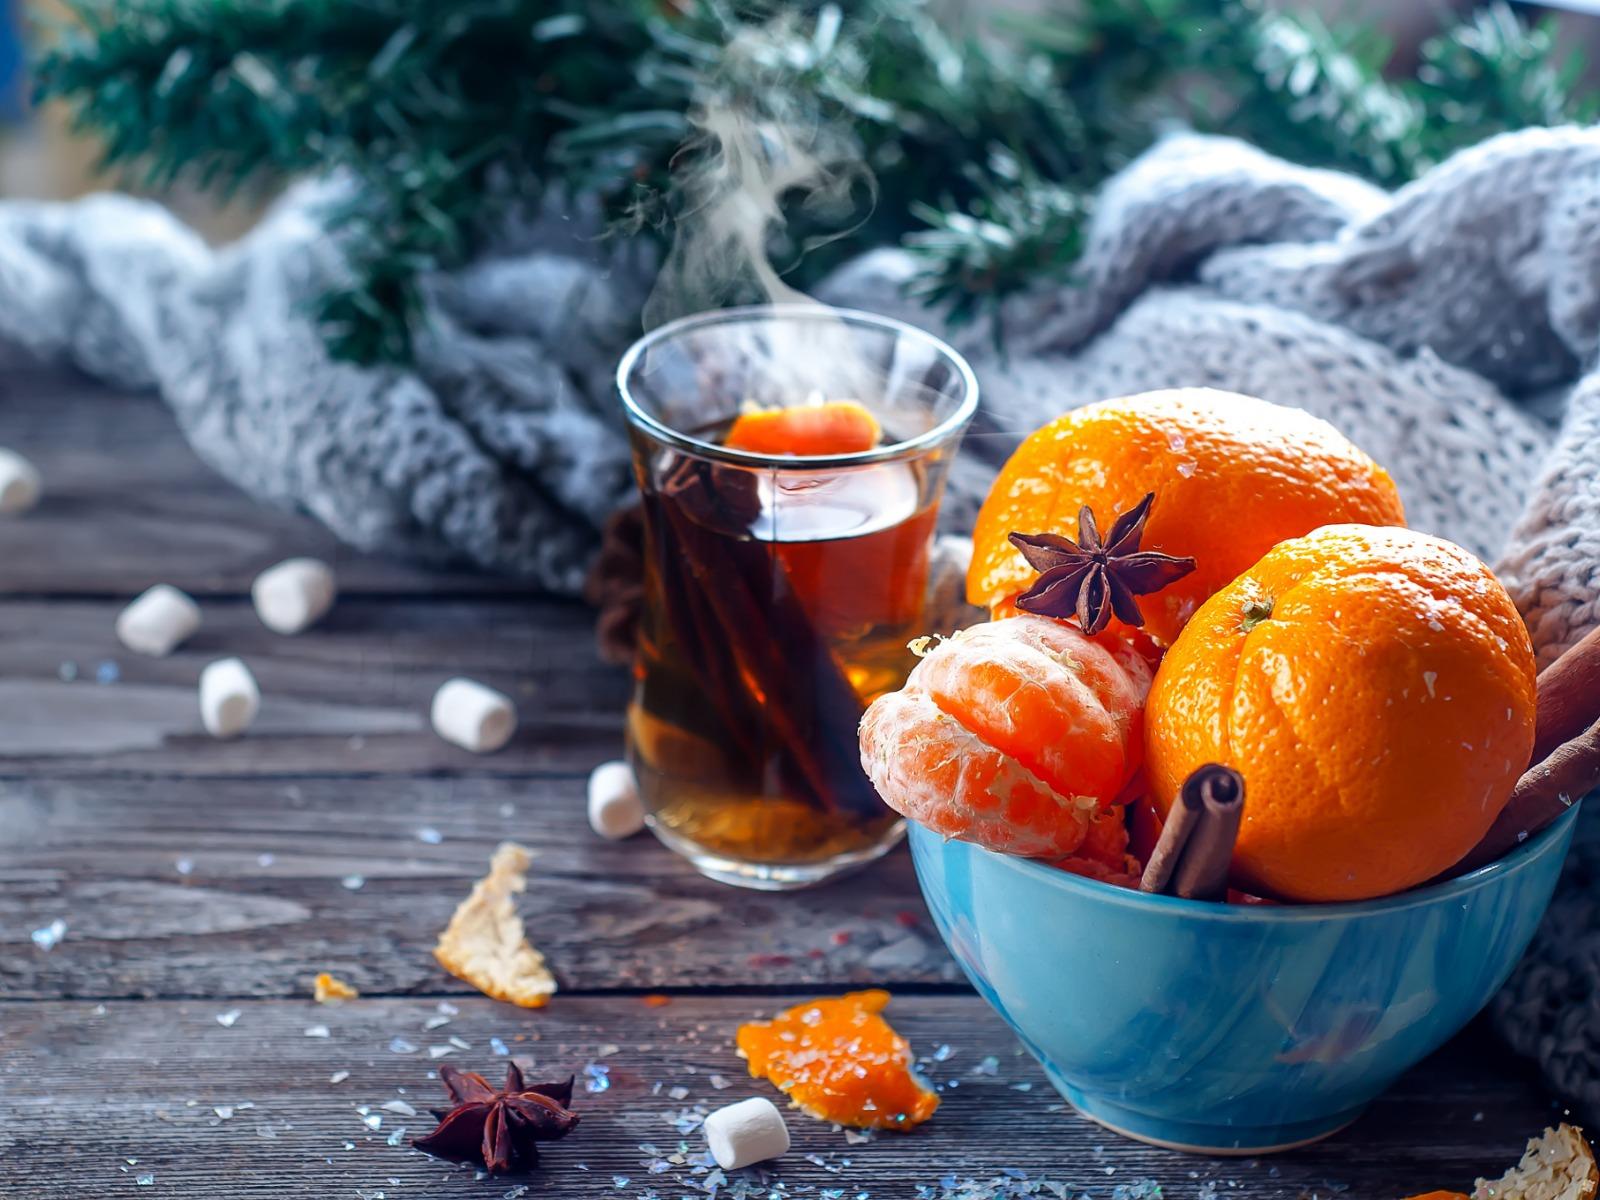 merry-christmas-xmas-7605